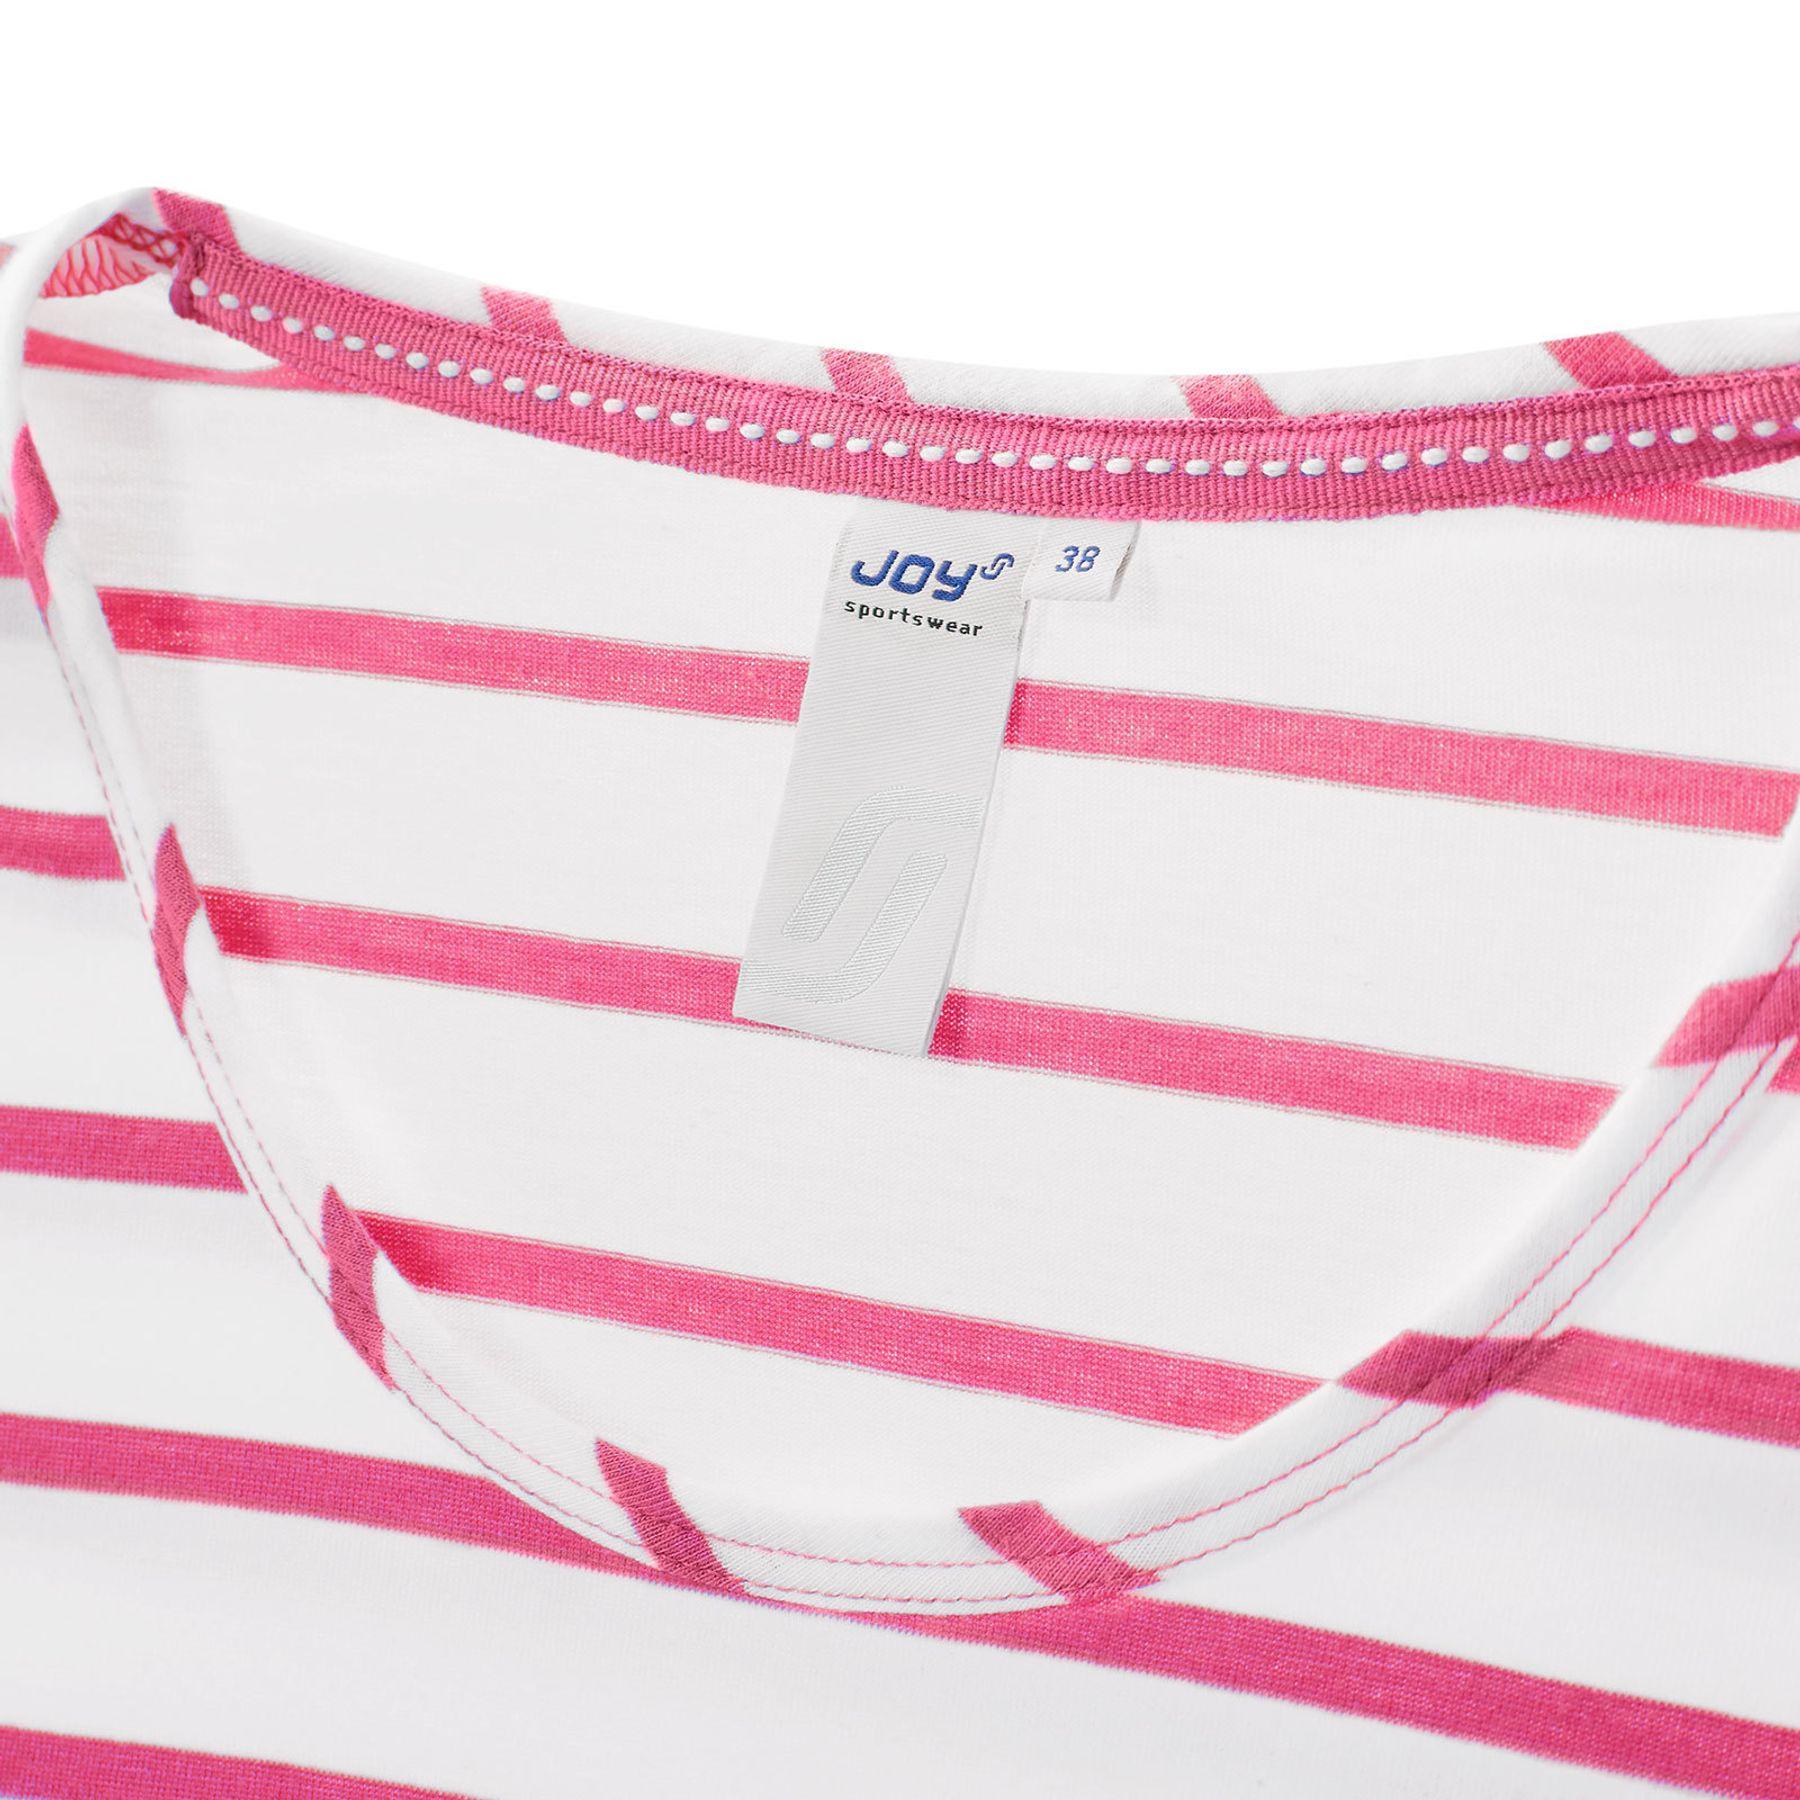 Joy - Damen Sport und Freizeit Shirt in verschiedenen Farbvarianten, Zola (34495 A) – Bild 2